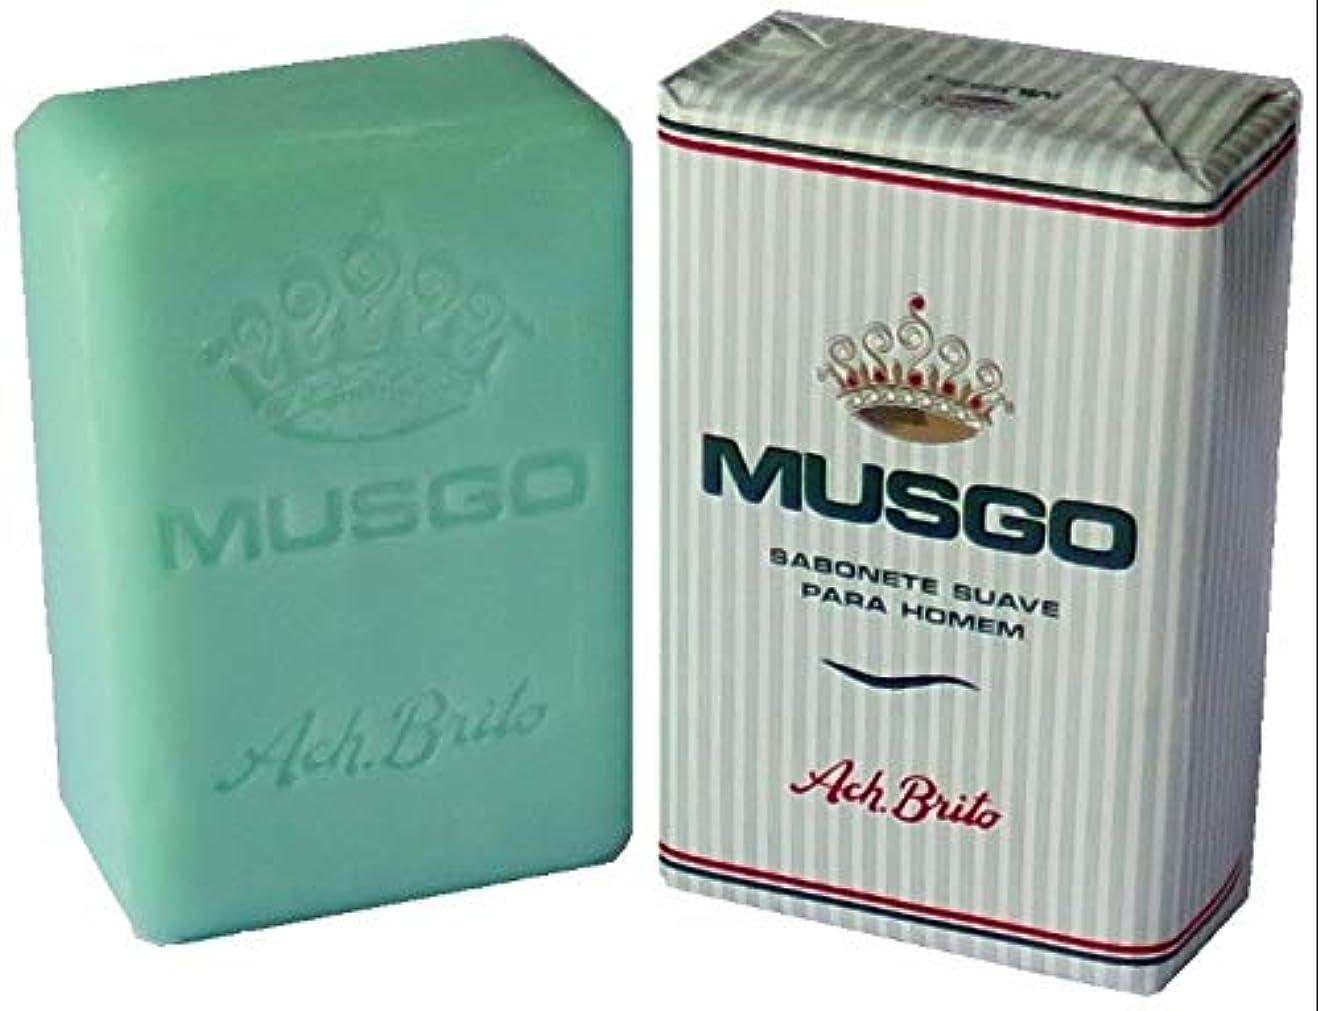 発火する野生民間Musgo Real Body Soap 「ロイヤルモス」 ボディソープバー 160g [並行輸入品]